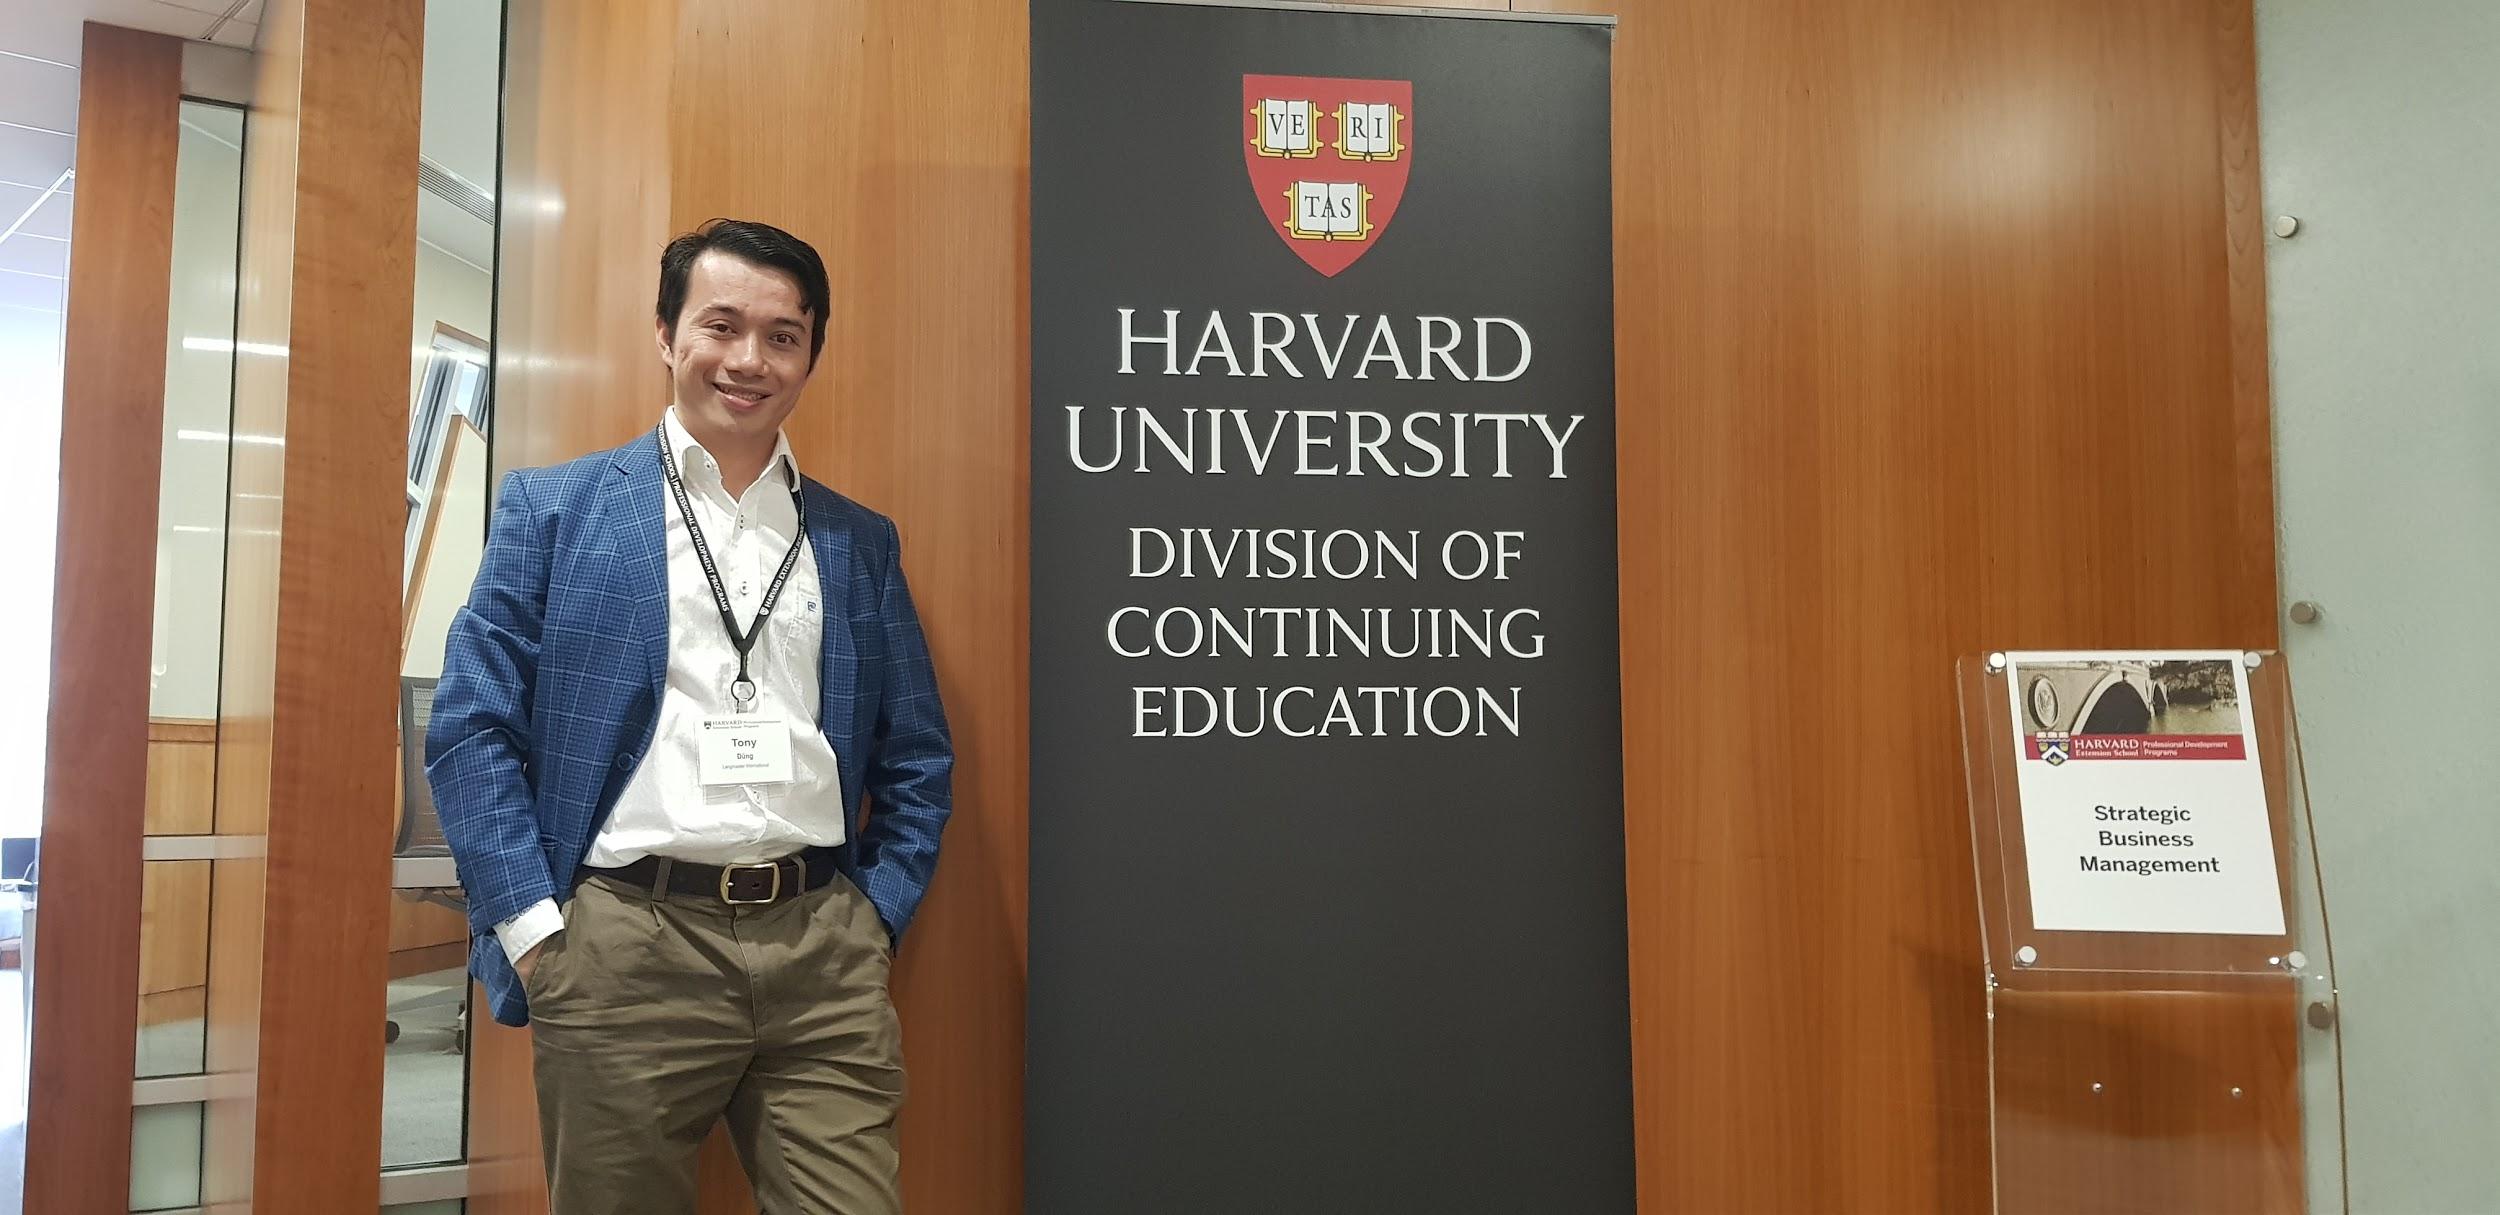 Hành trình khởi nghiệp với hai thương hiệu giáo dục của vị doanh nhân trẻ - Ảnh 1.